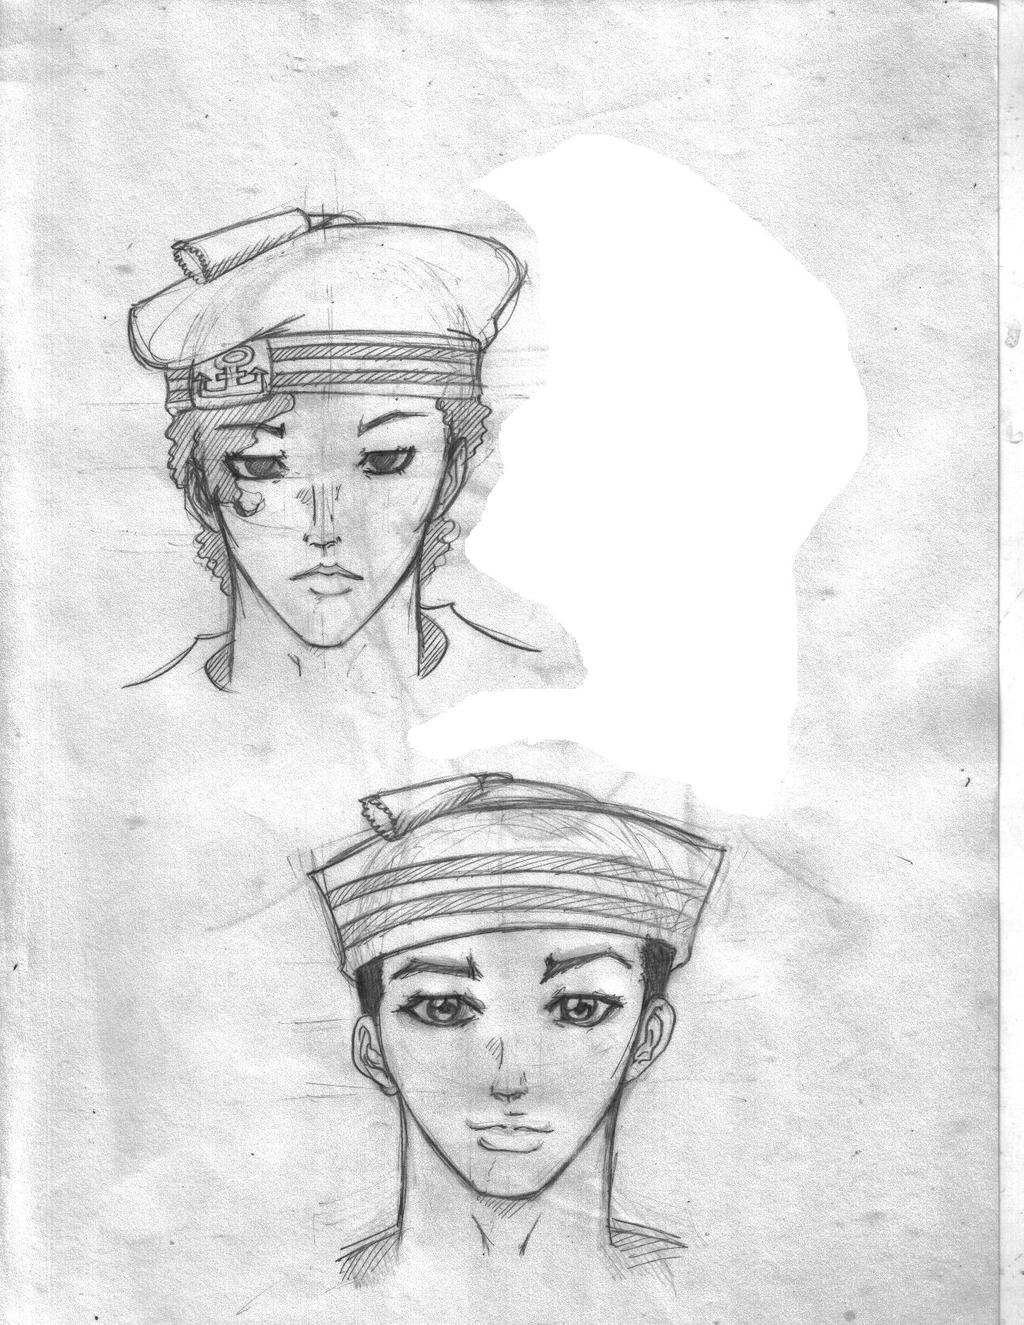 Desenhos e Ilustrações Leonox Jojolion_characters_by_leonox-d5uqm7y